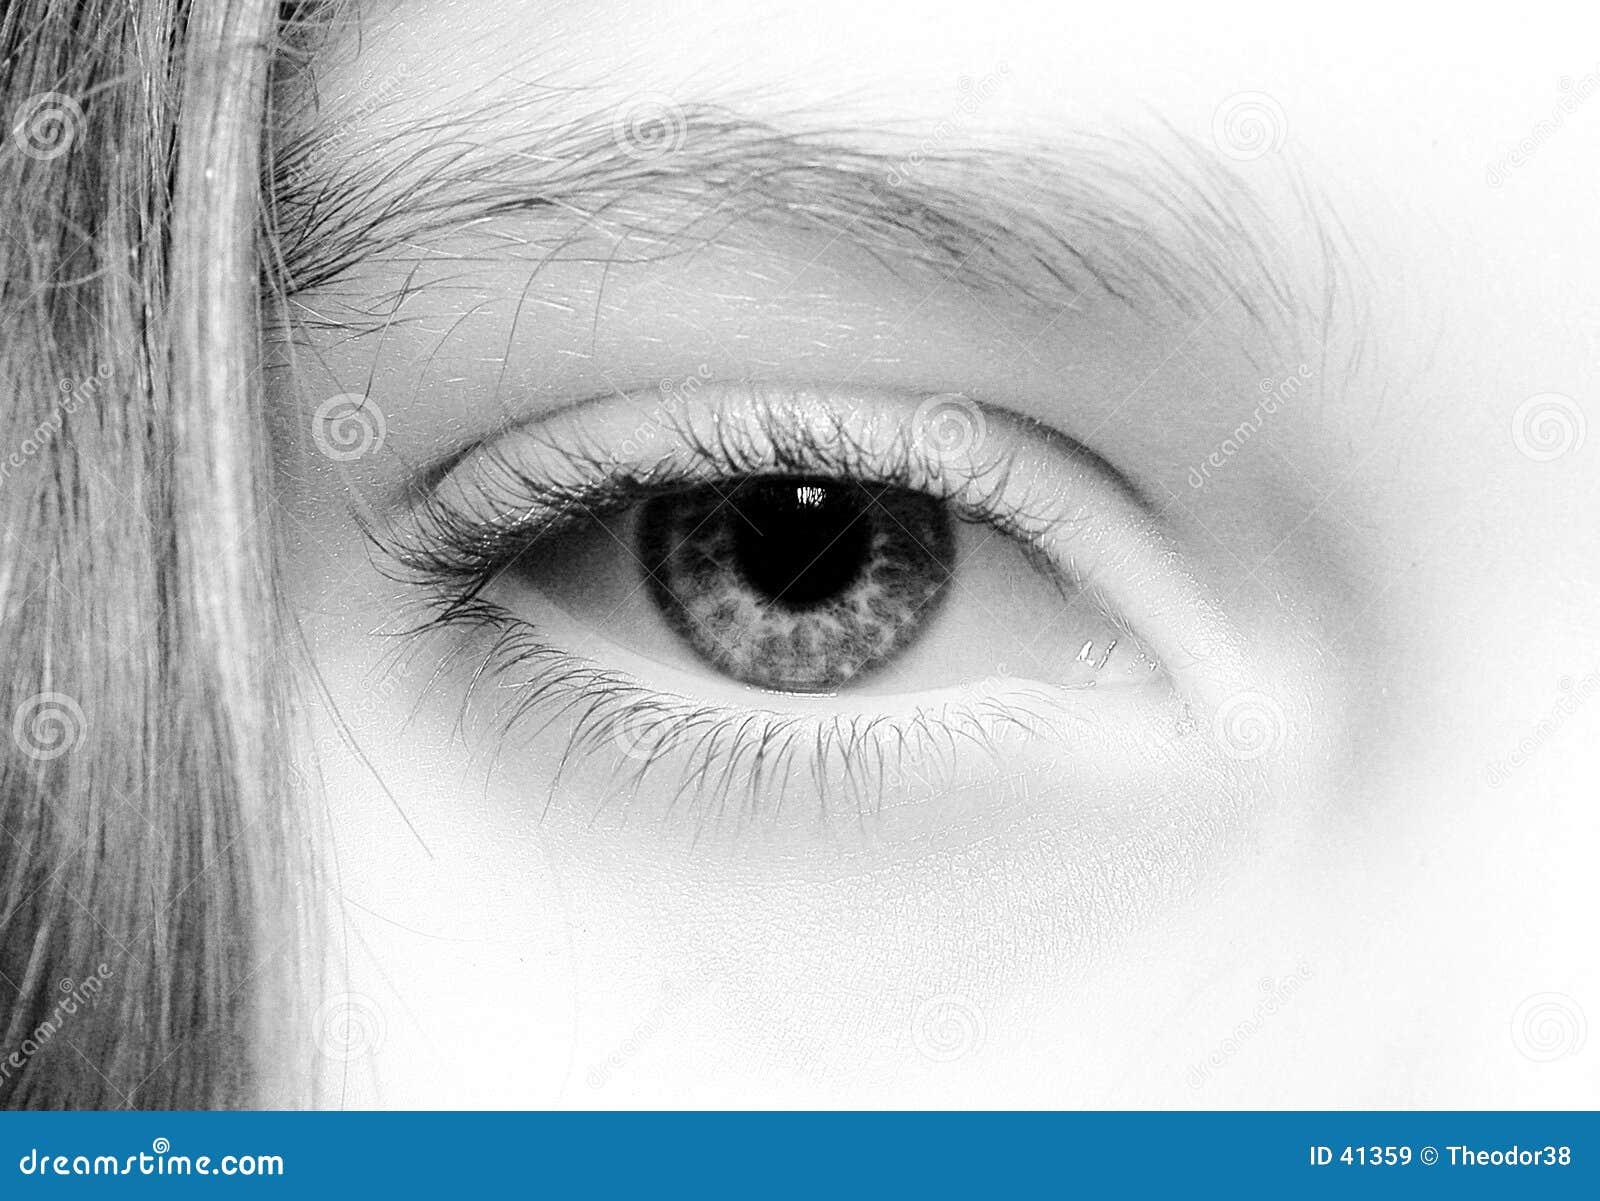 Download Primer de un eye-3 imagen de archivo. Imagen de óptico, retina - 41359